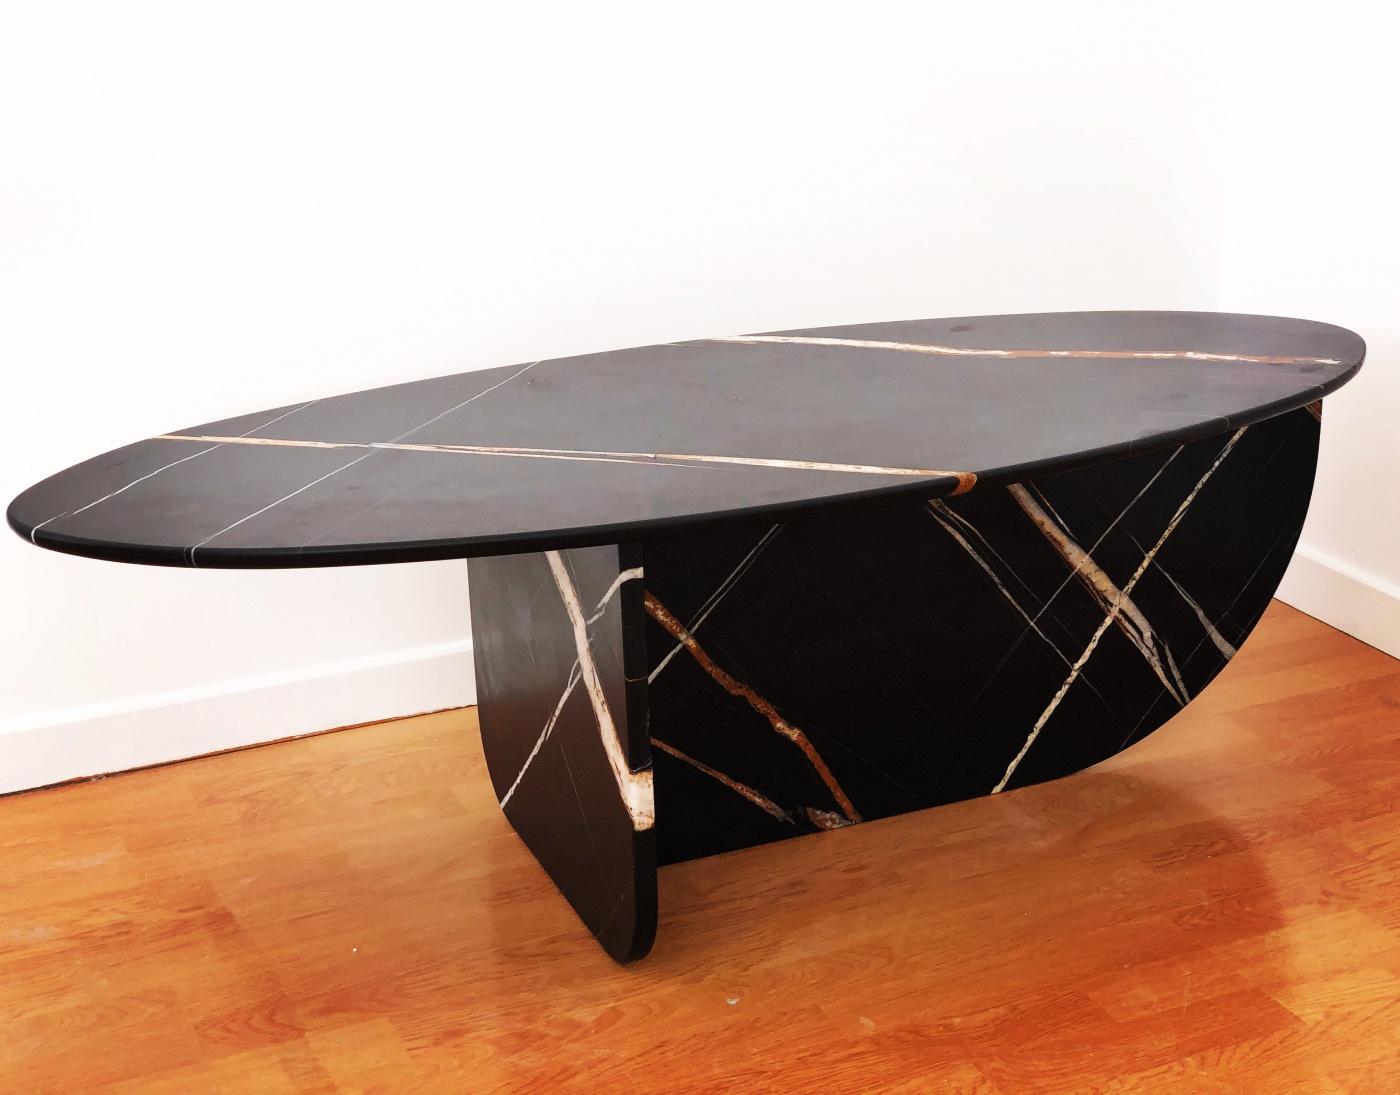 Table ovale marbre noir sahara adouci Pied en marbre design